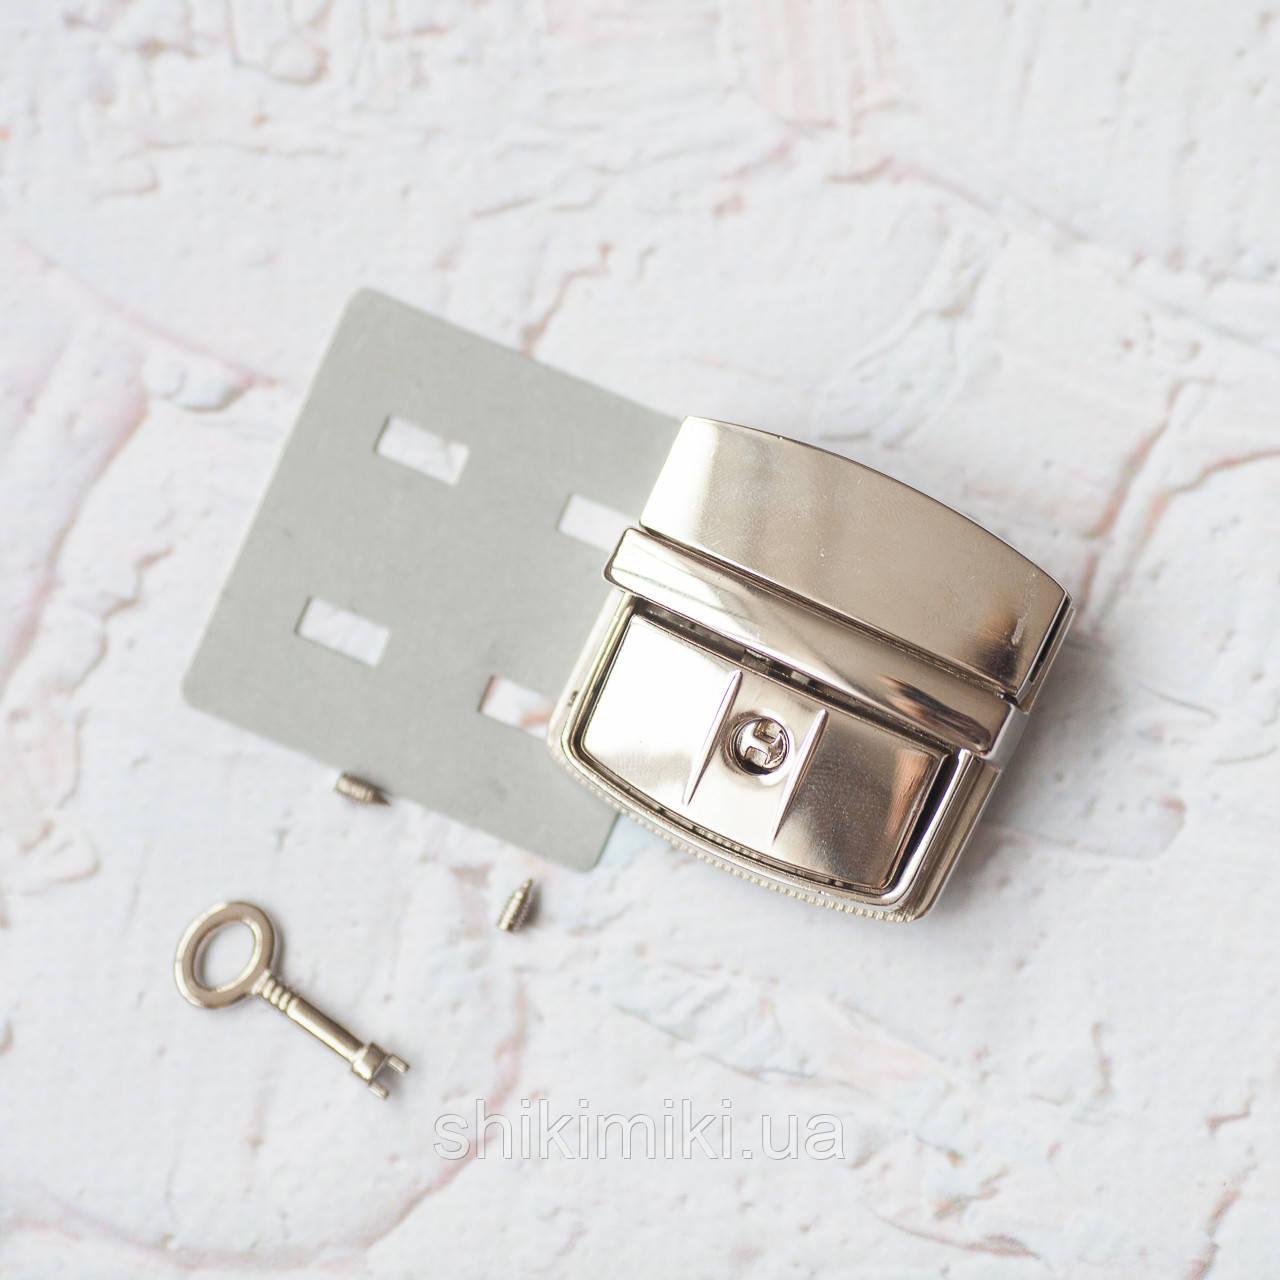 Замок для сумки с ключом ZM03-1, цвет никель